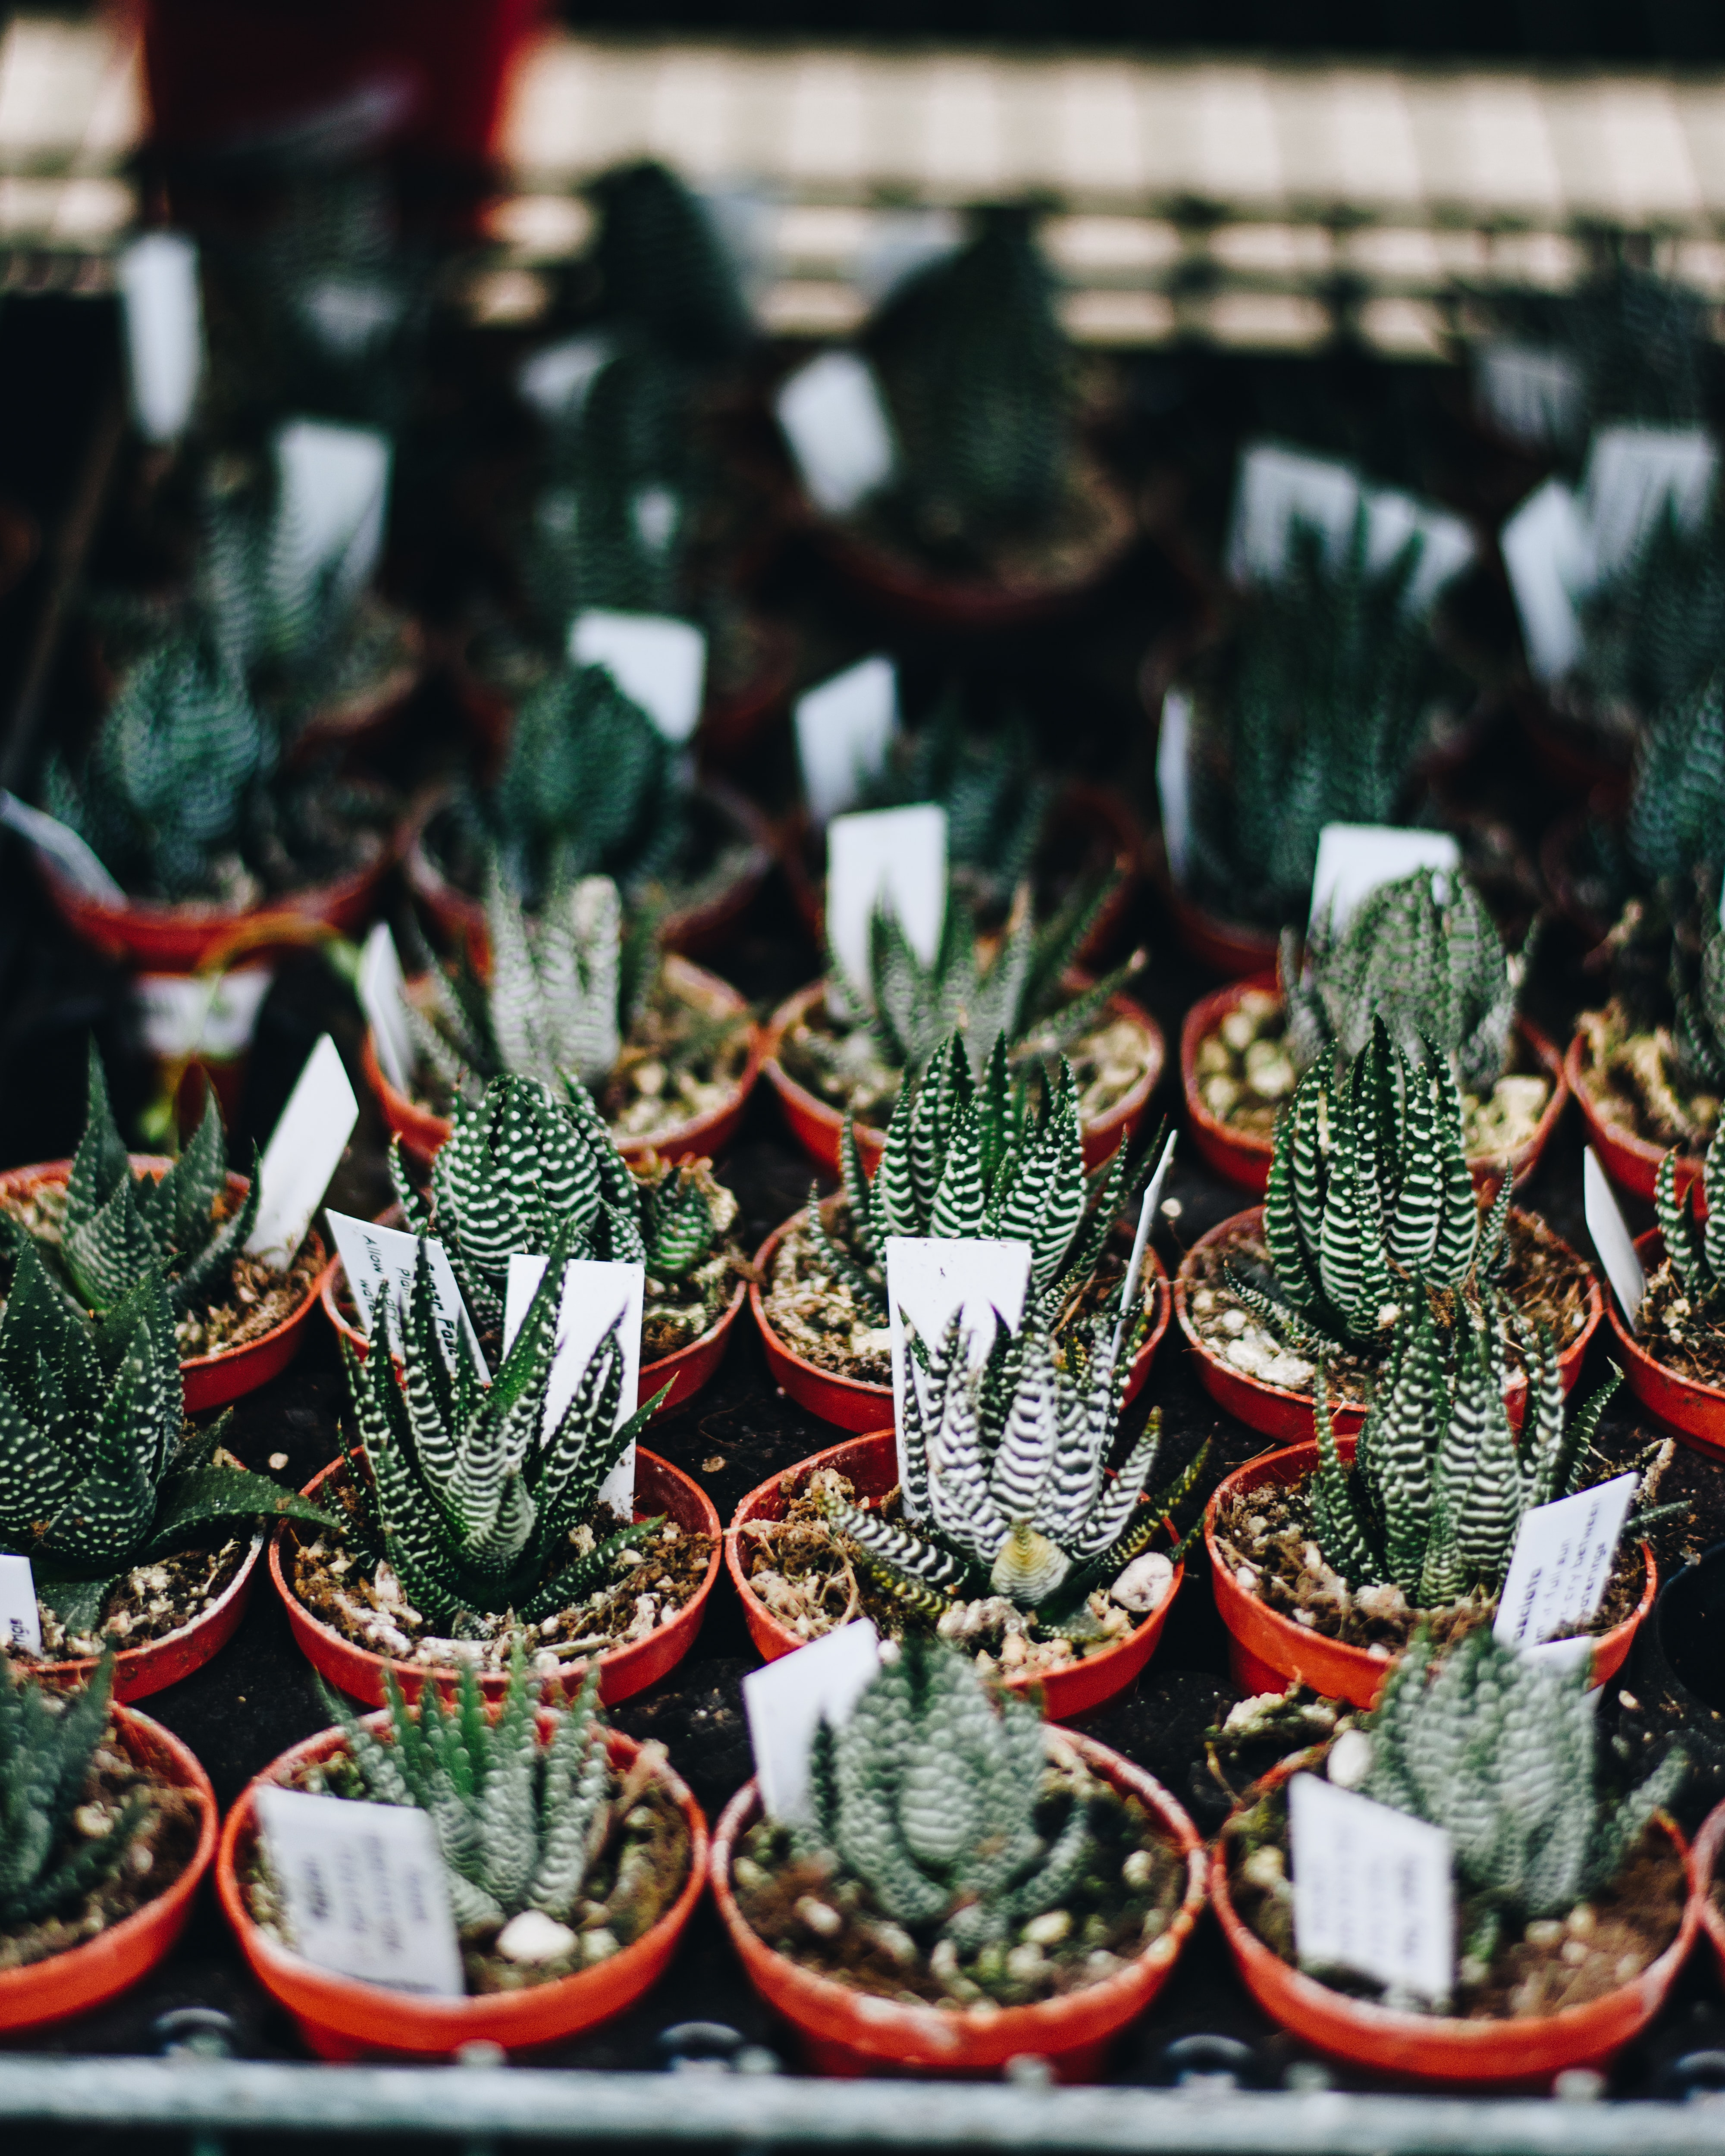 selective focus photo of aloe vera plants